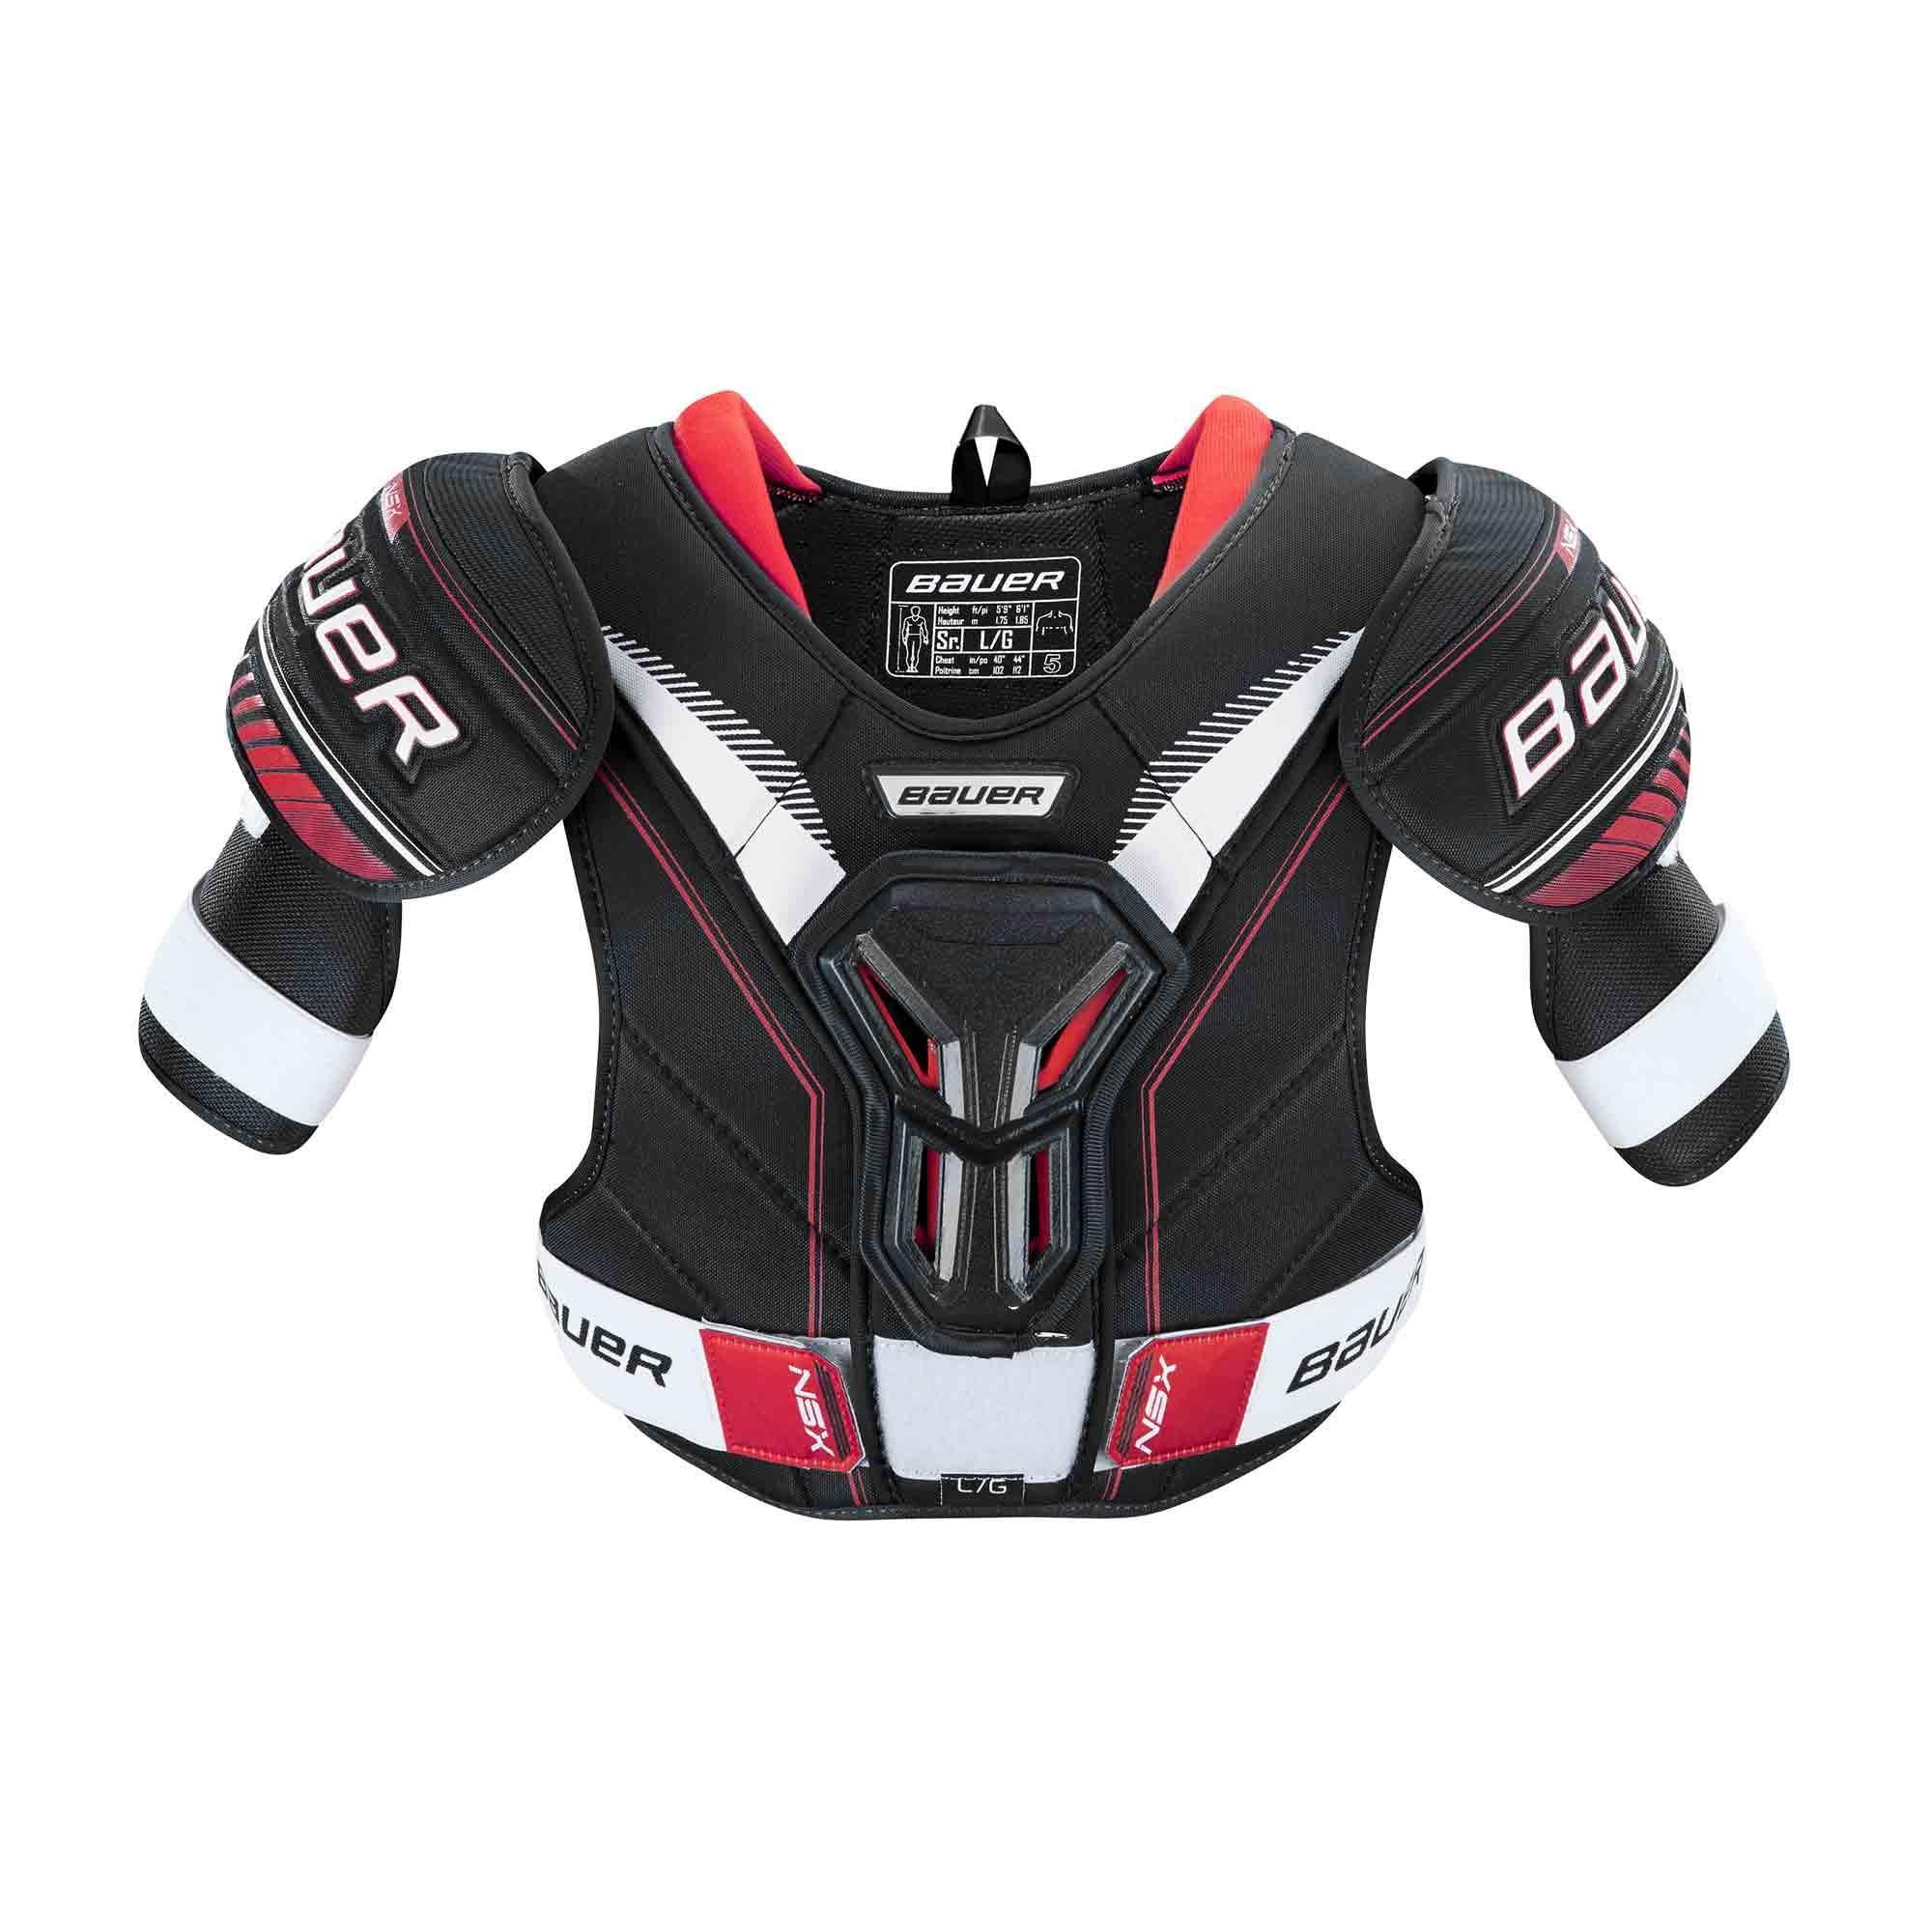 Bauer Nsx Patin à Glace Hockey Senior Tailles Disponibles Junior